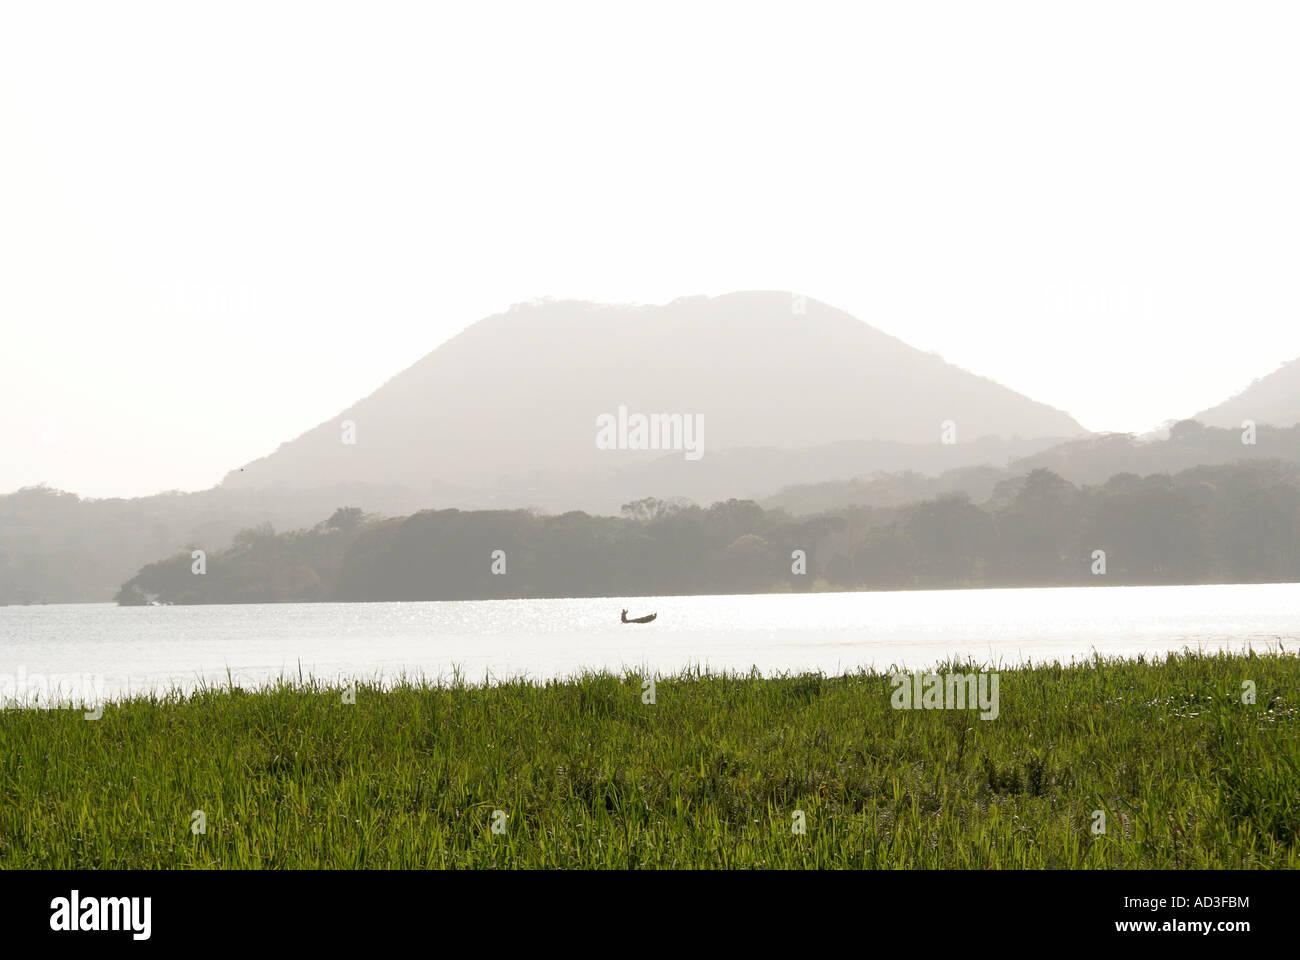 a-dugout-canoe-on-laguna-catemaco-a-larg